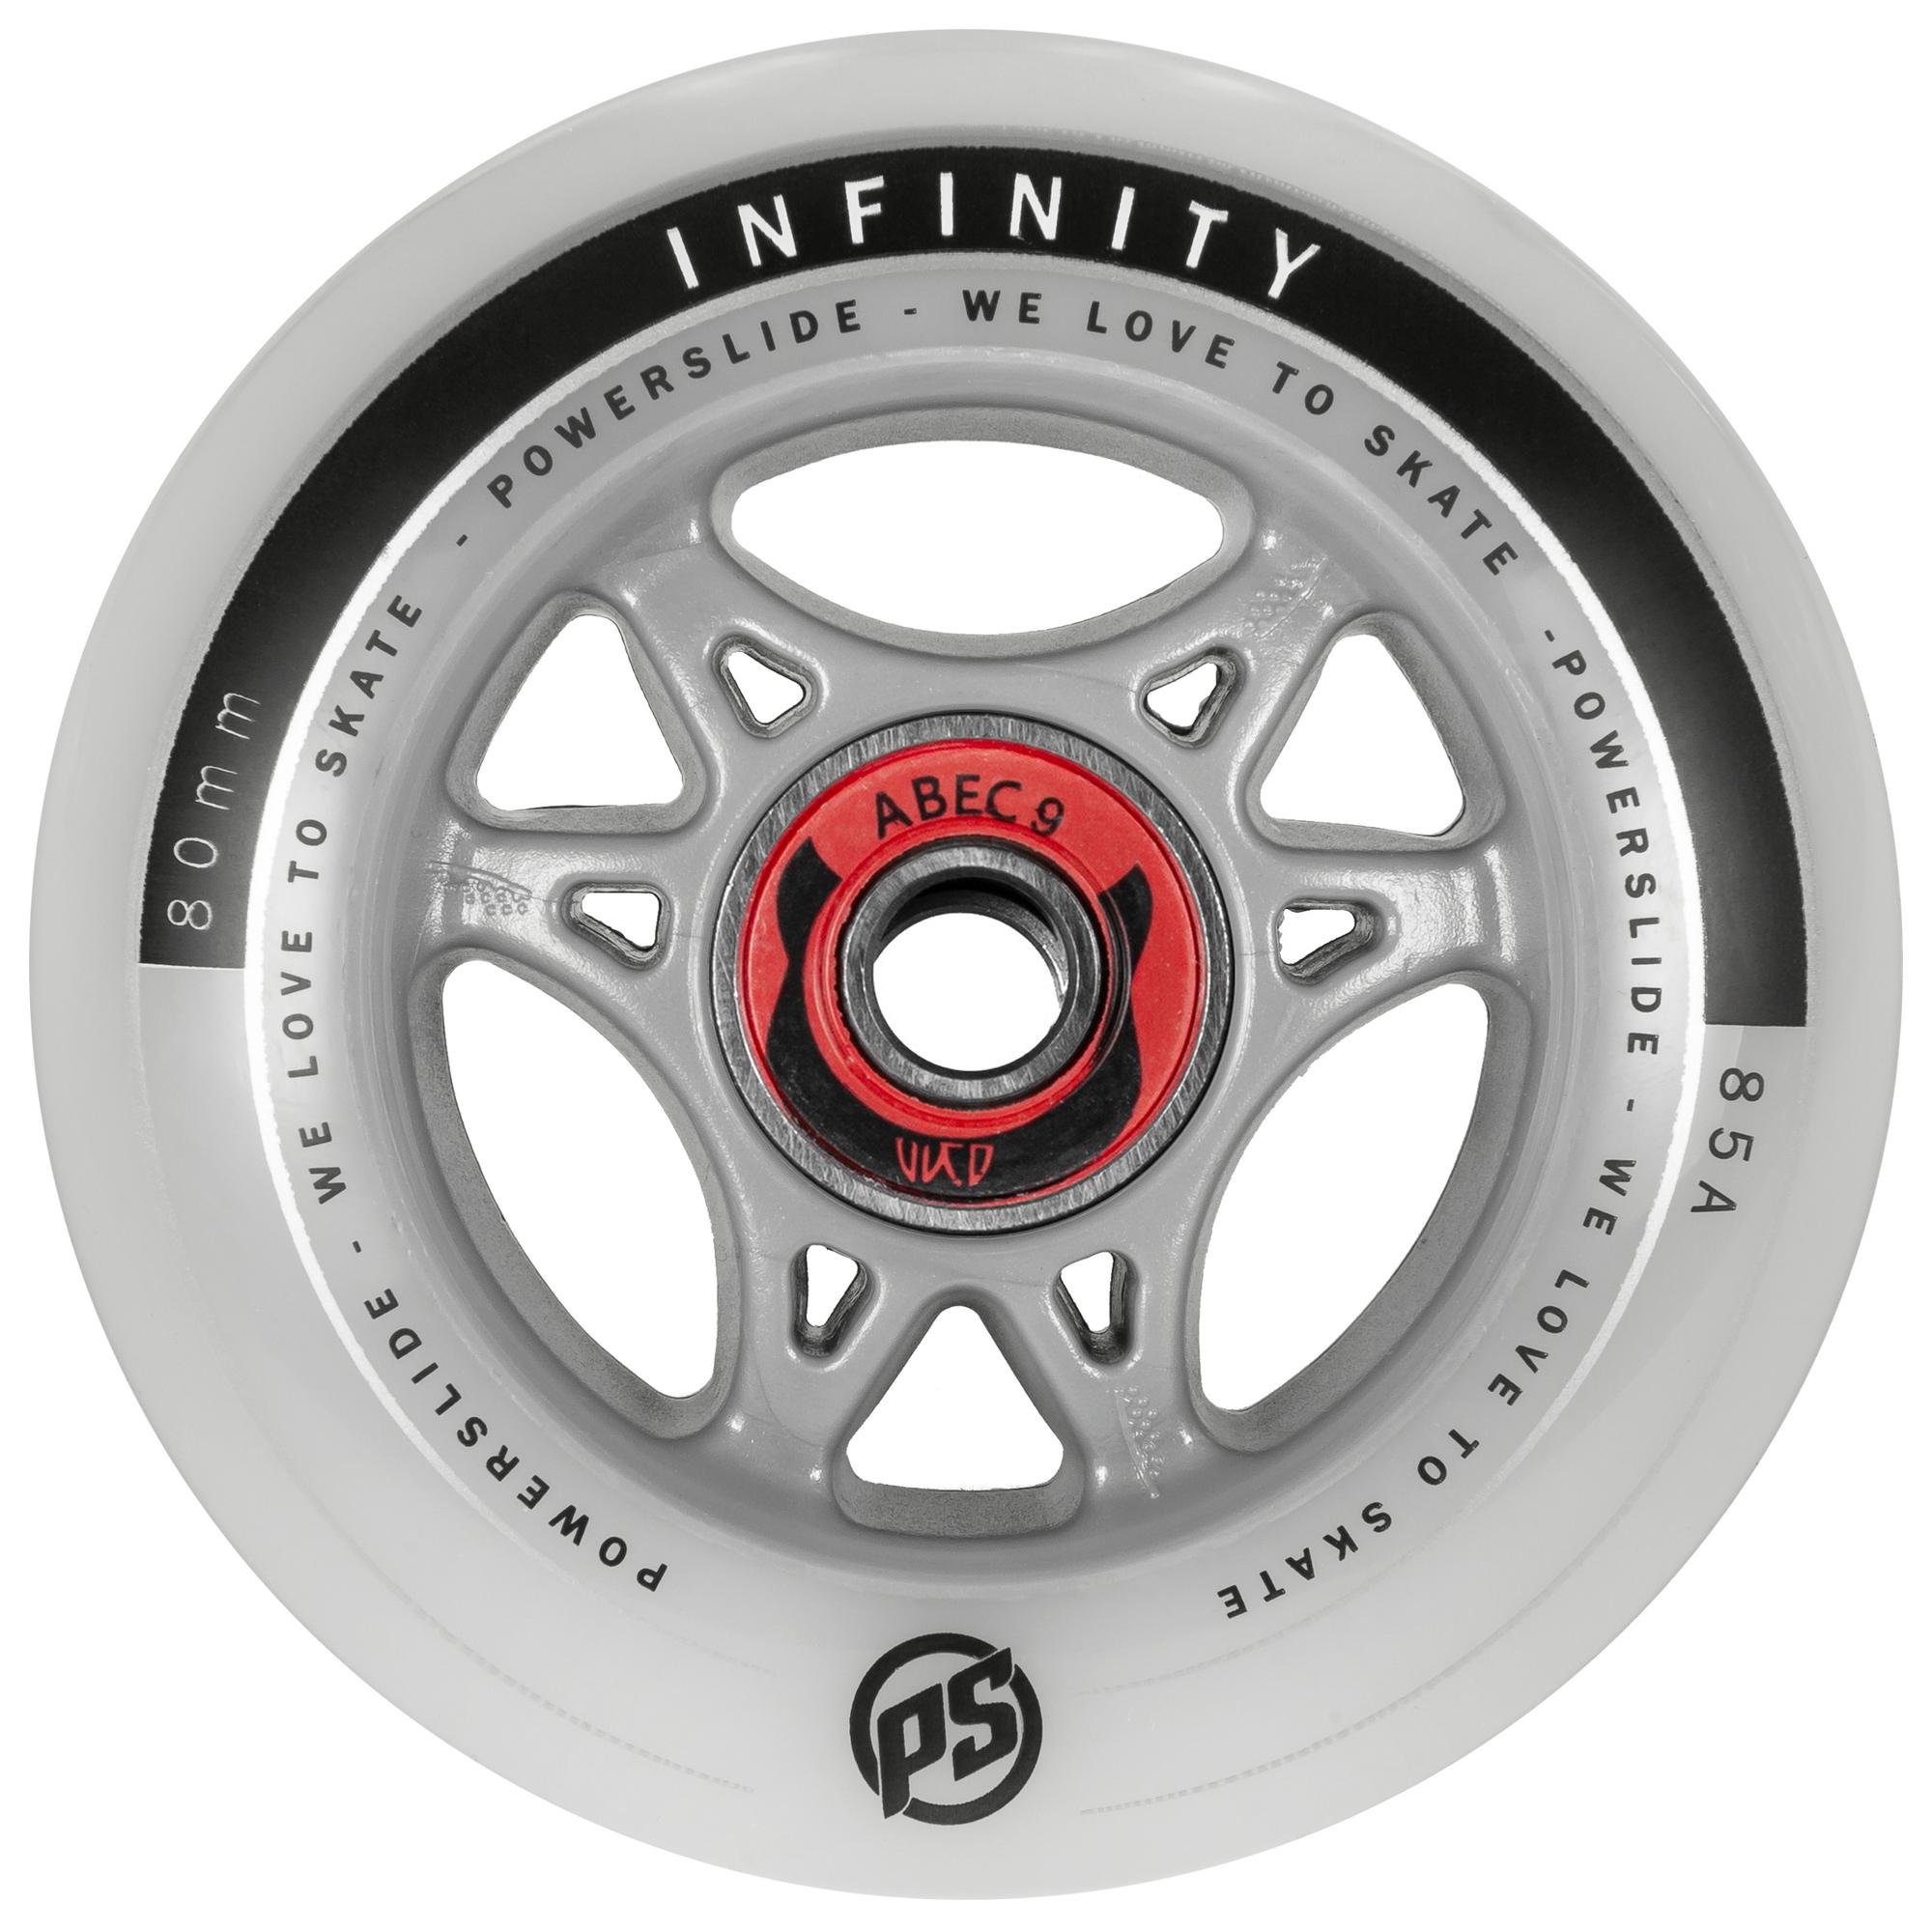 Kolečka Powerslide Infinity RTR s ložisky Abec 9 (1ks)